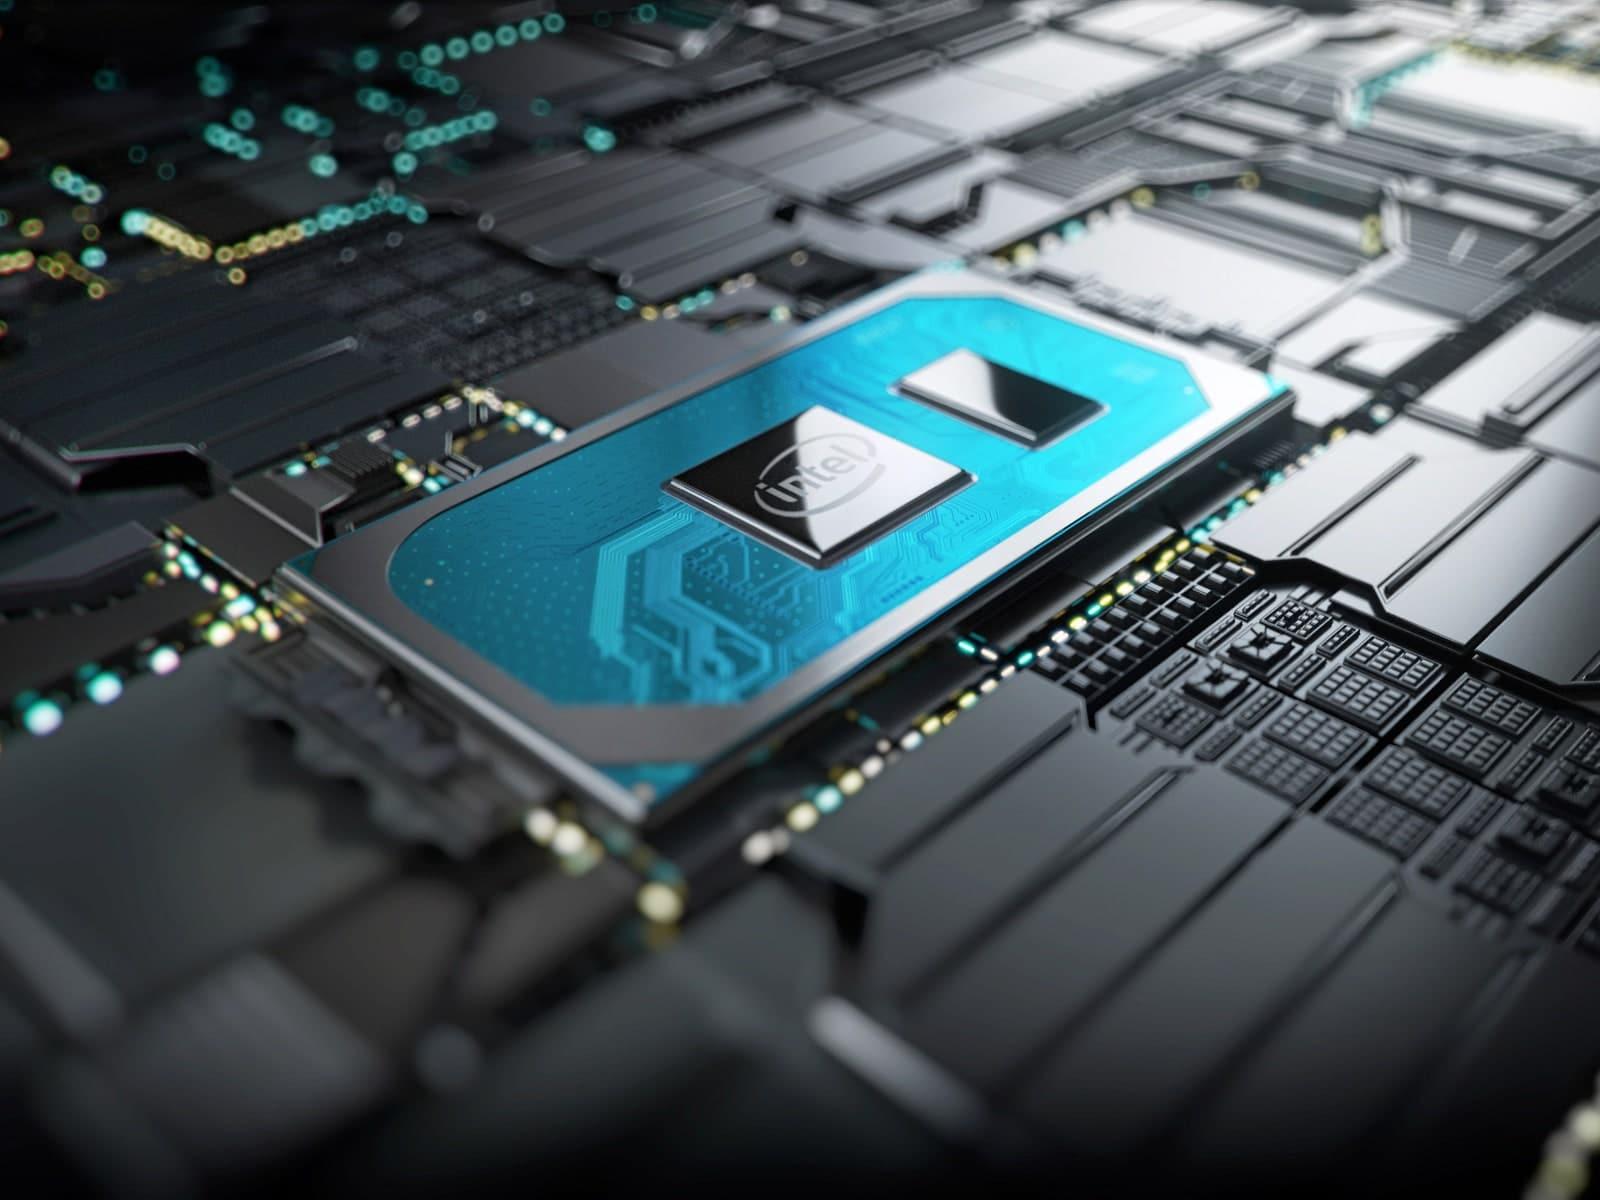 une unité centrale de traitement, ou processeur Intel i7